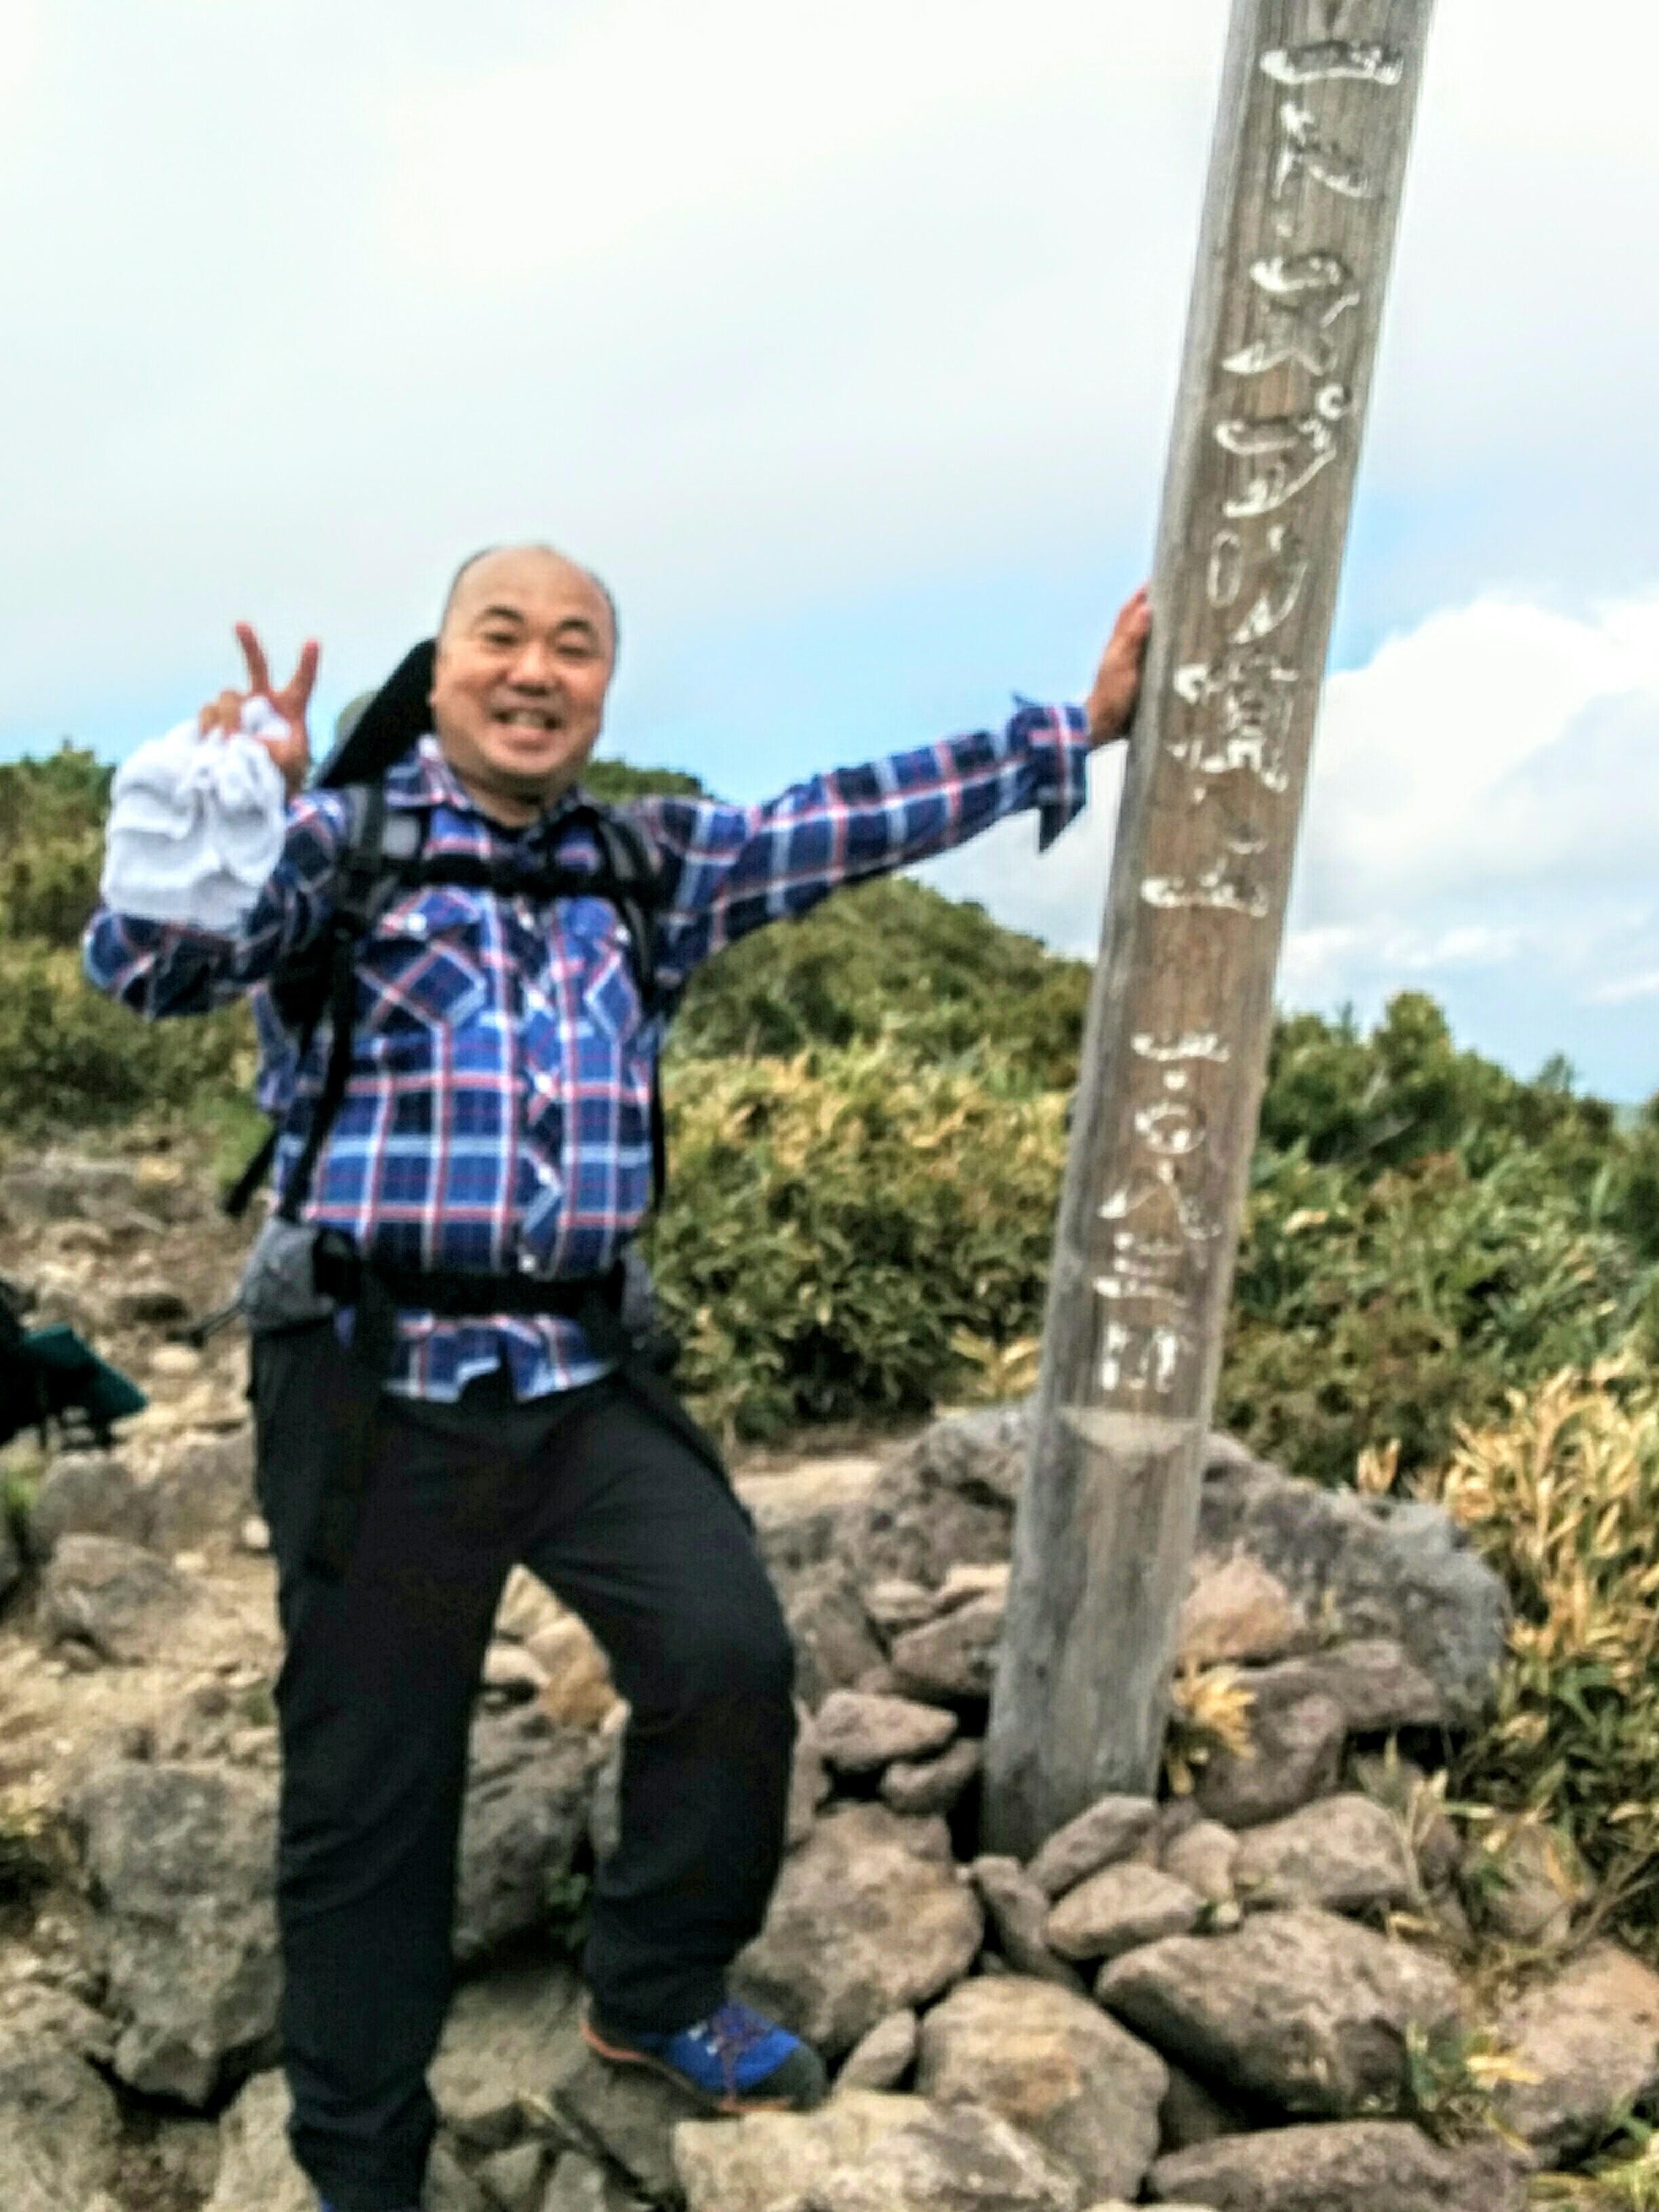 【ニセコ】ニセコニトヌプリ登山に行って来ました。